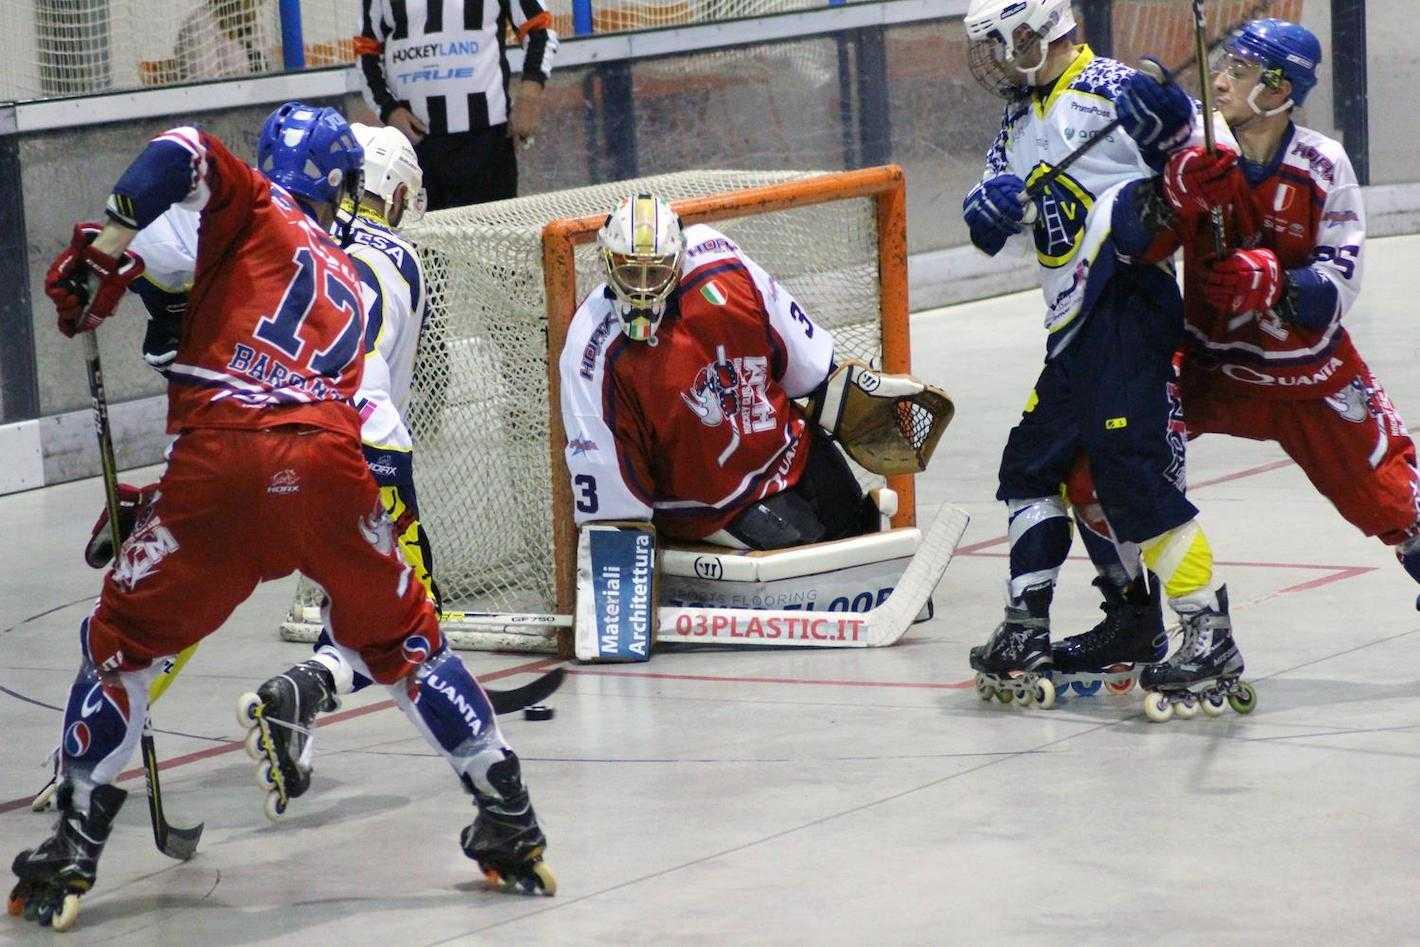 hockey-in-line,-mondiali-a-roccaraso-con-la-regione-che-stanzia-400-mila-euro